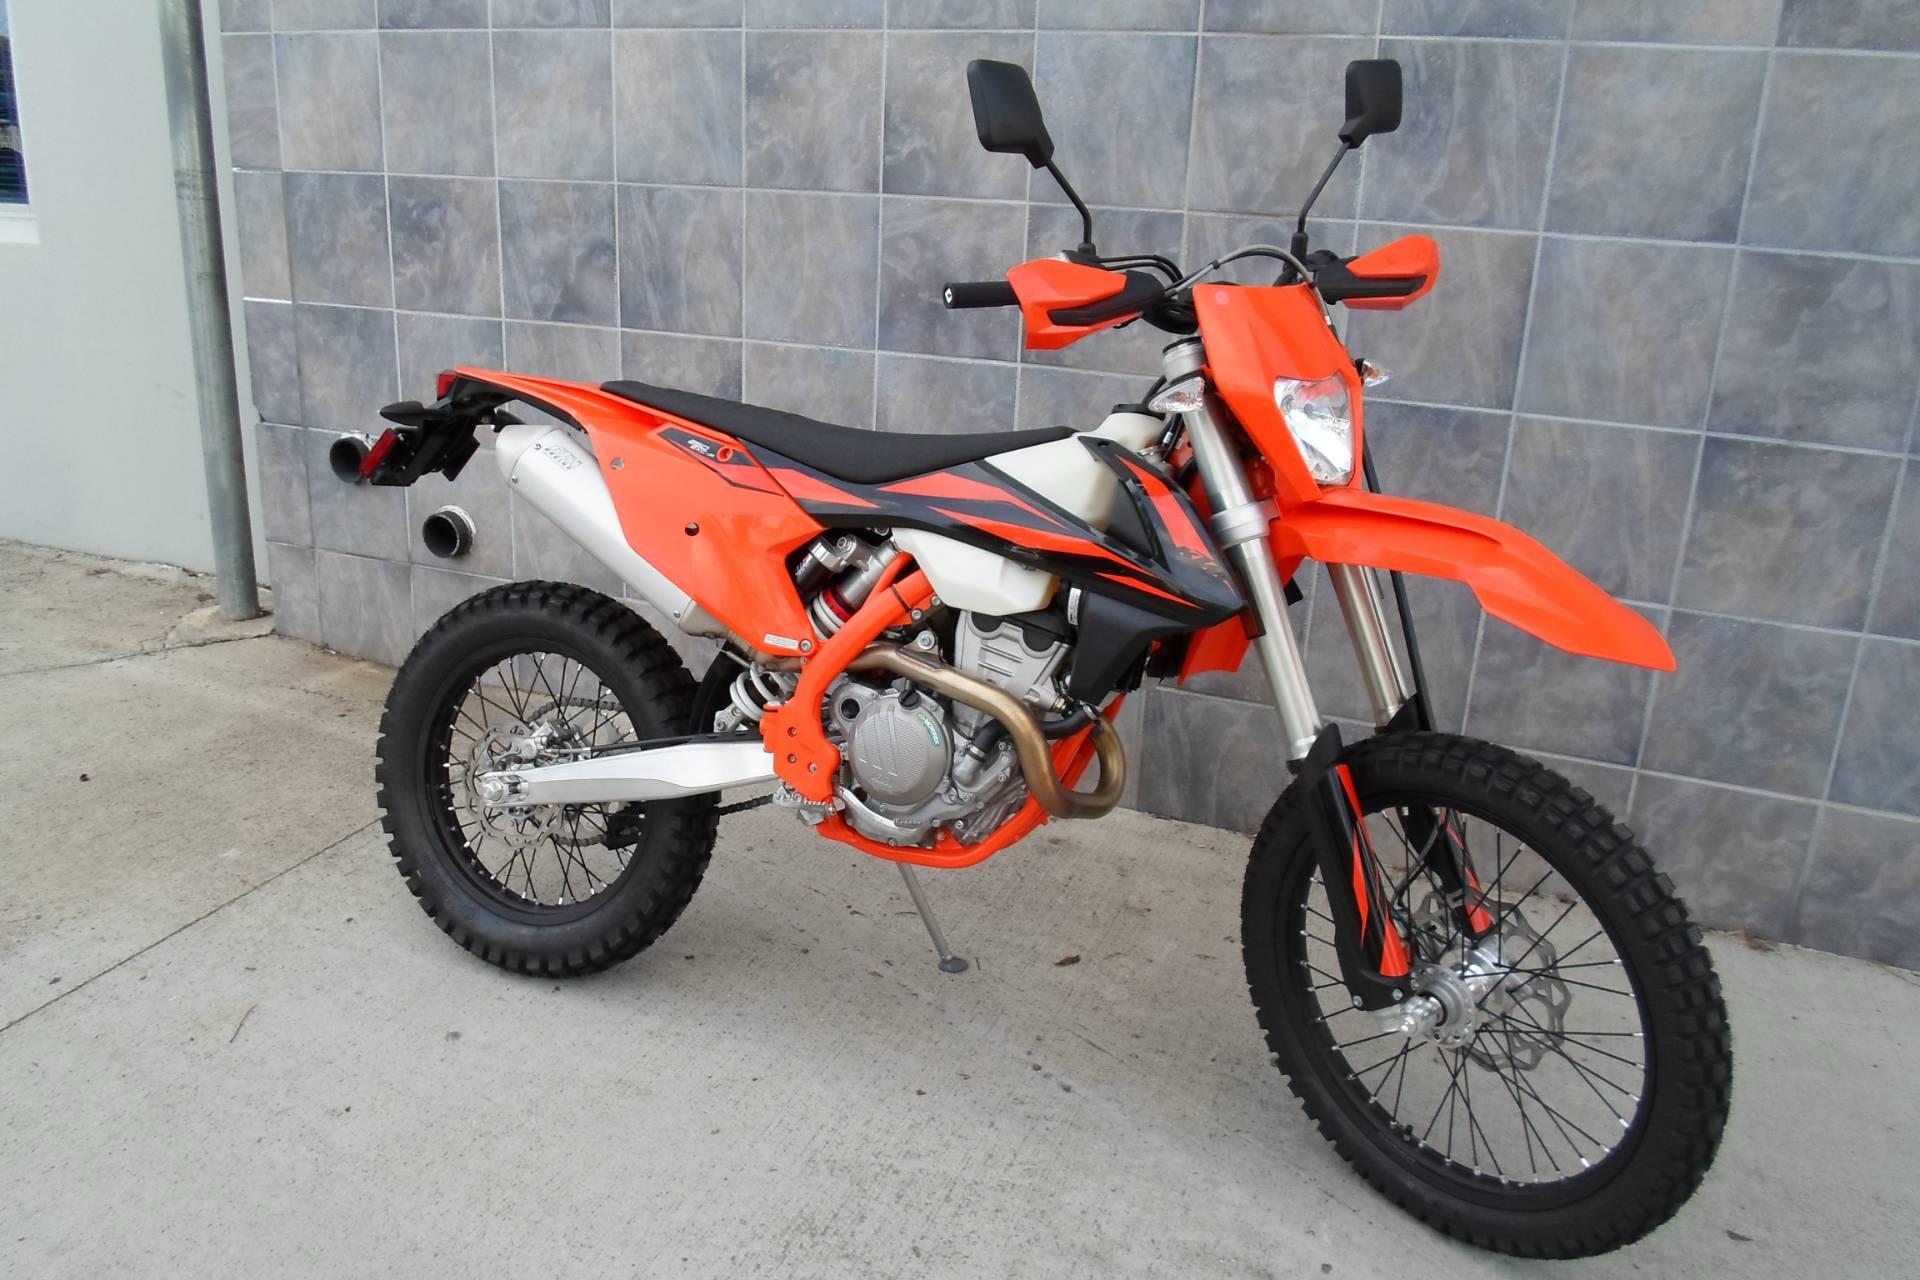 2019 Ktm 450 Horsepower